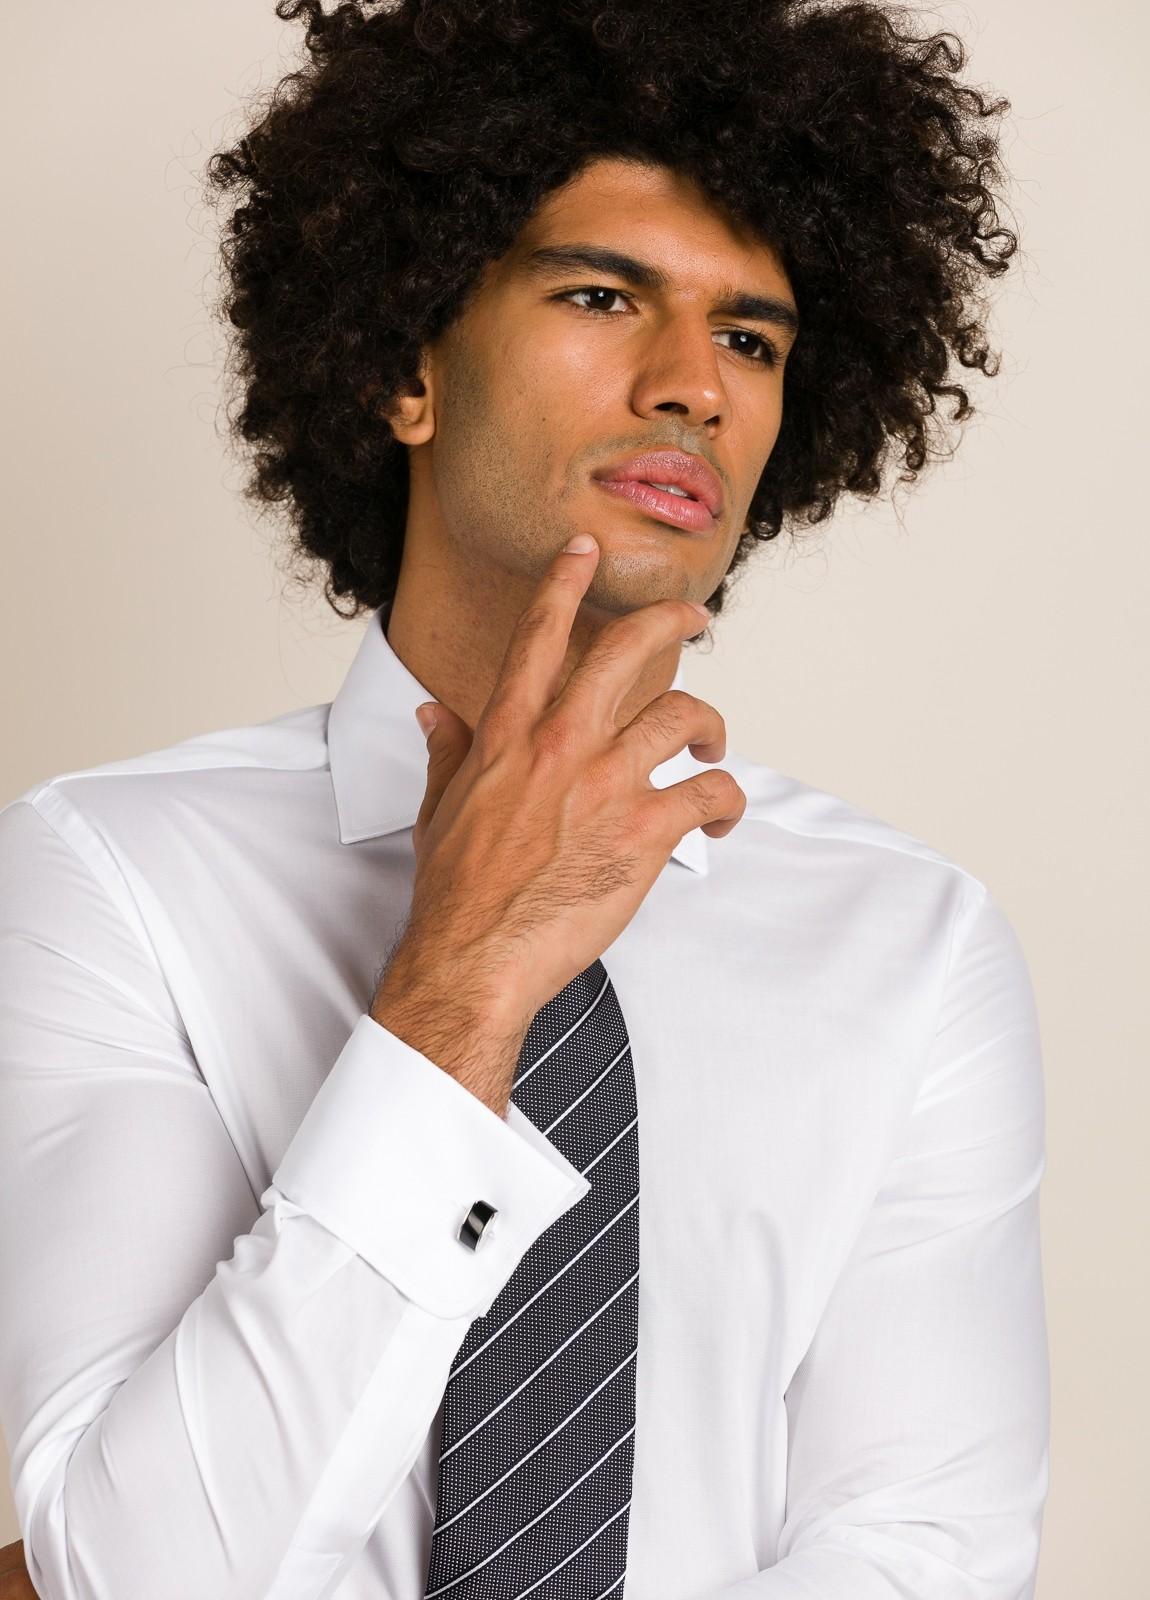 Camisa vestir FUREST COLECCIÓN Regular Fit Puño Doble blanco. - Ítem3